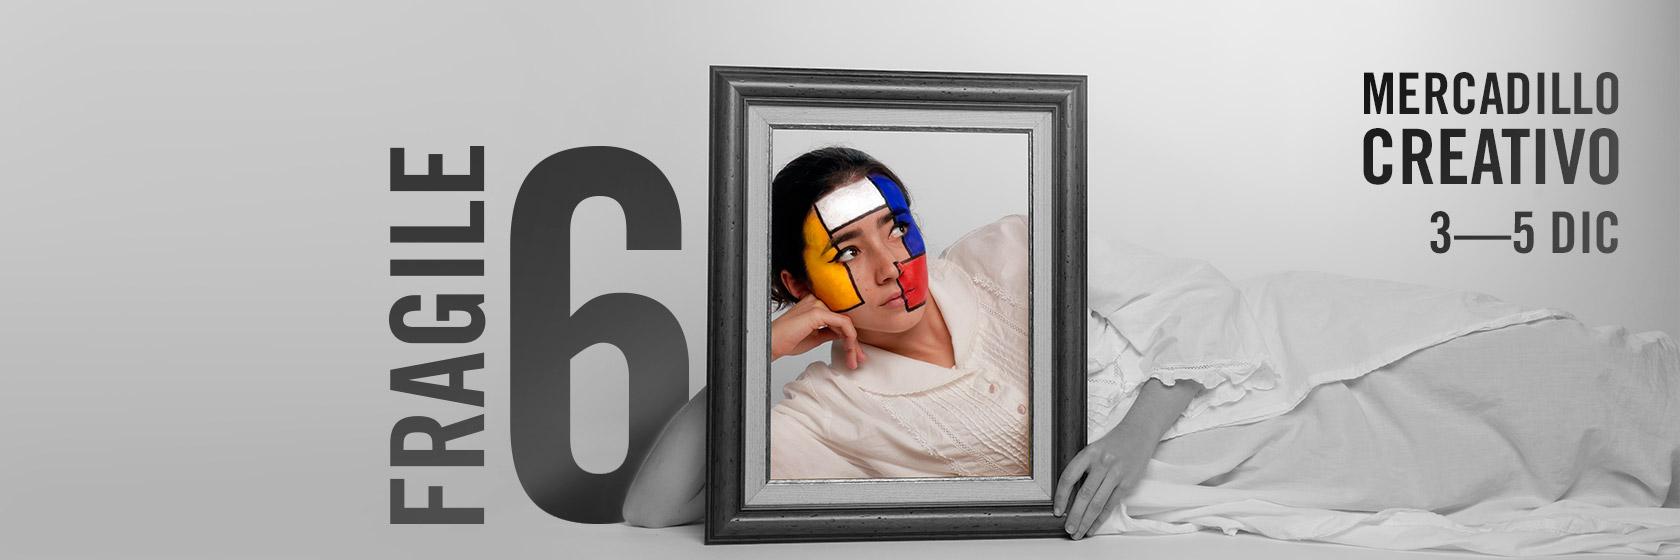 Imagen de Fragile 6. Diseño: Daniel Bernués (@bernu.es), Celia Cuervo (@celiacuervo), Sandra Rodrigo (@entrelazadasdesign) y Maya Alonso (@ukiyo_may). Modelo: Lía Marcos (@liamarcosr)